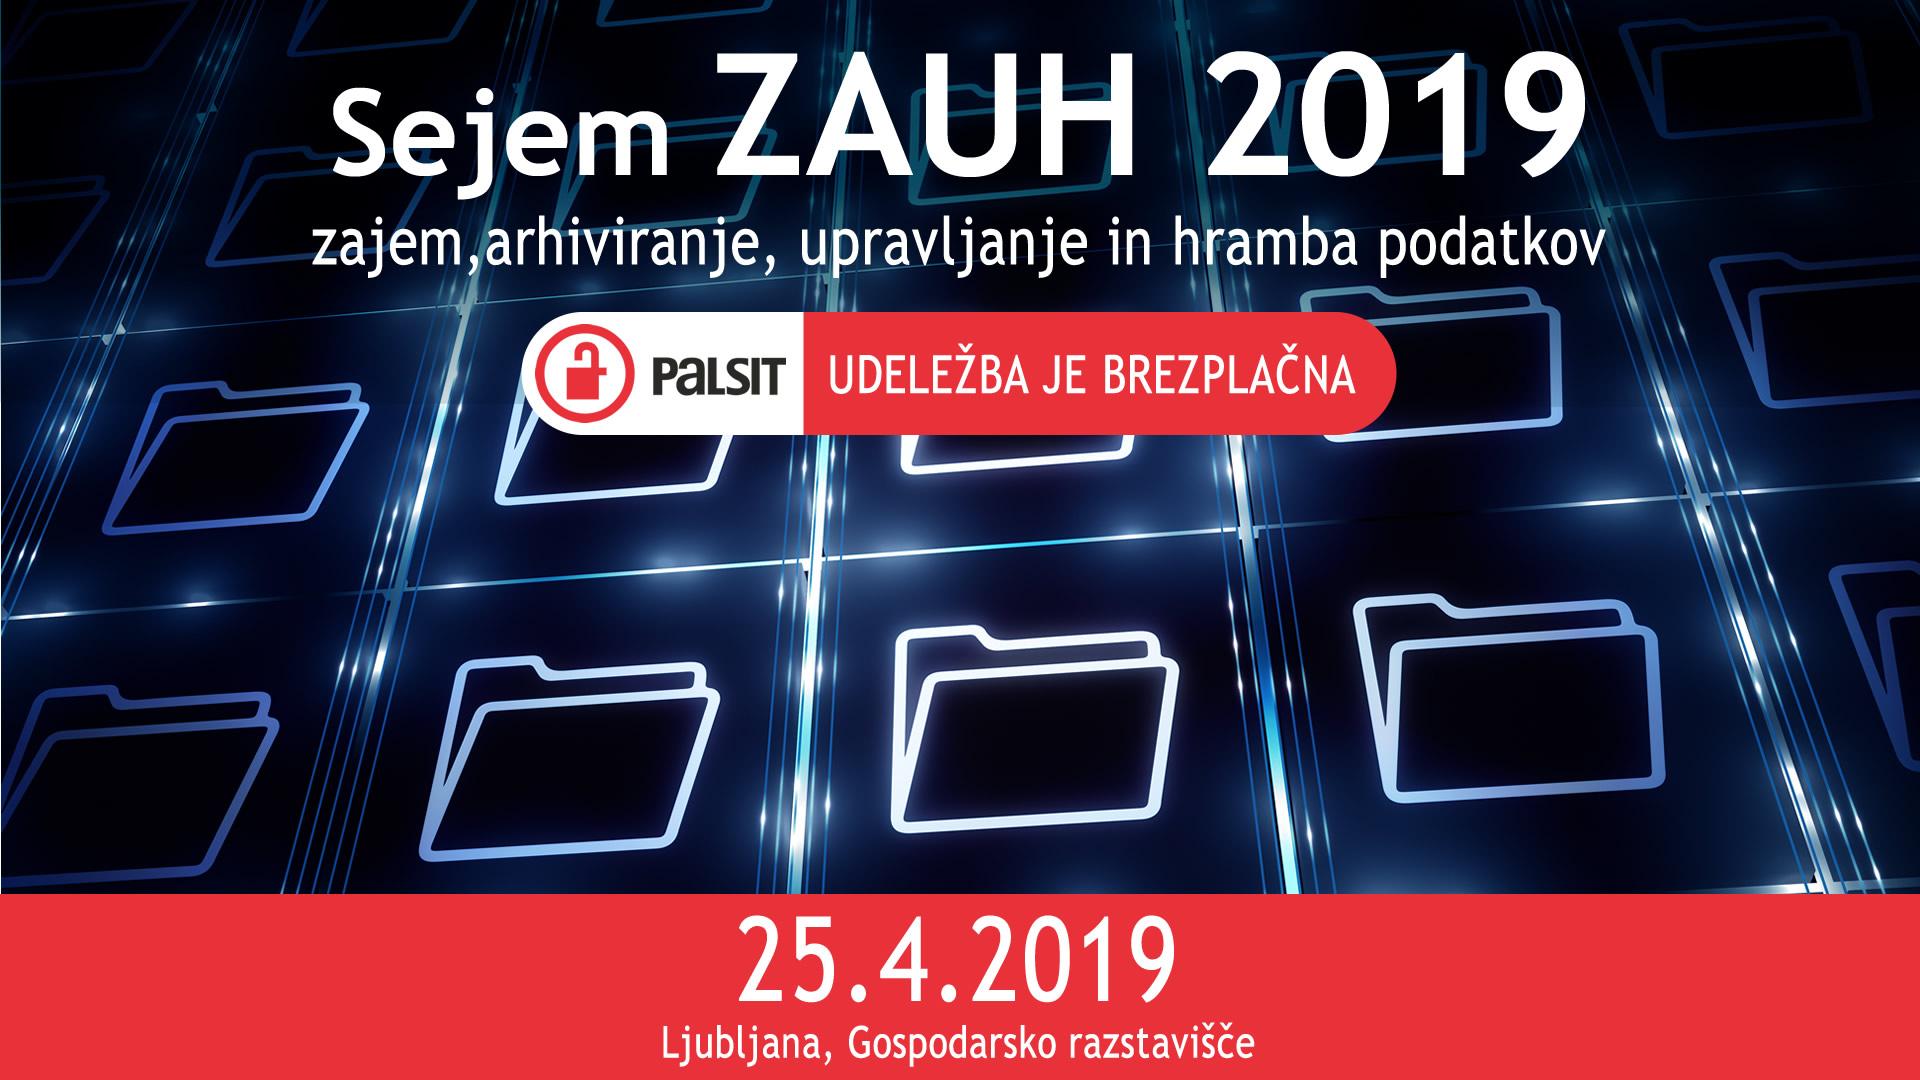 ZAUH 2019: vse o e-poslovanju, e-arhiviranju, varstvu podatkov in novih tehnologijah